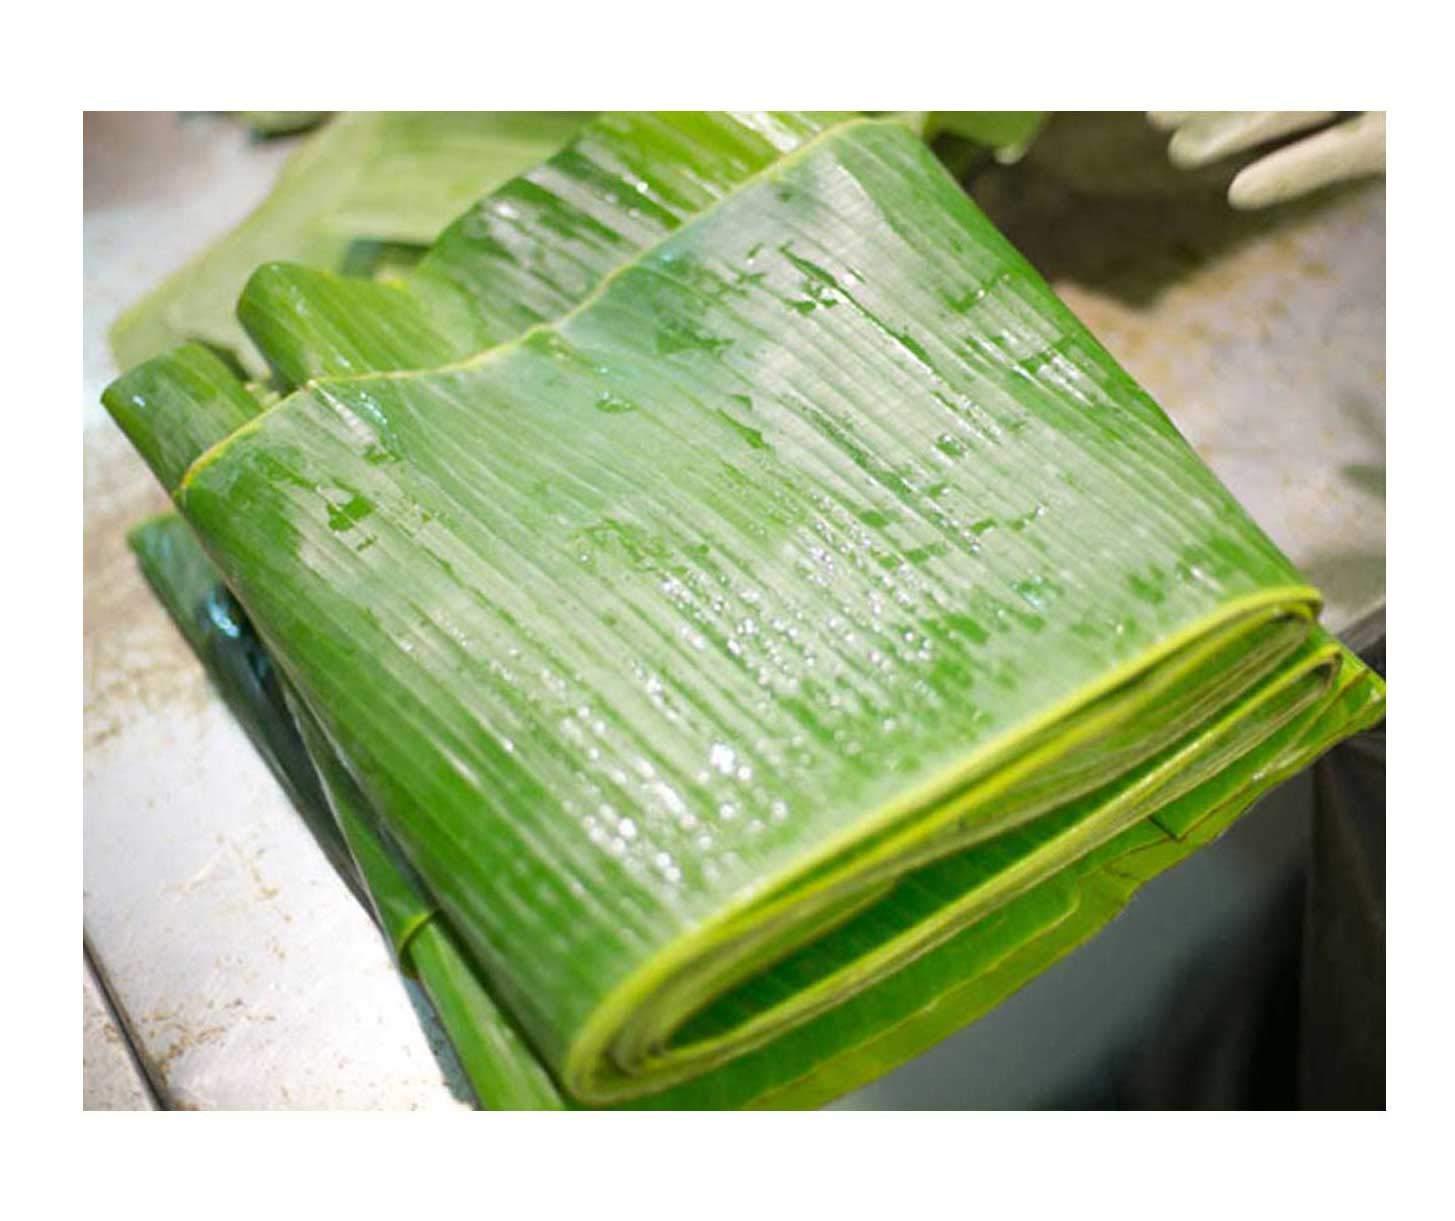 Fresh Banana Leaves 1 Lb. Hoja de Platano